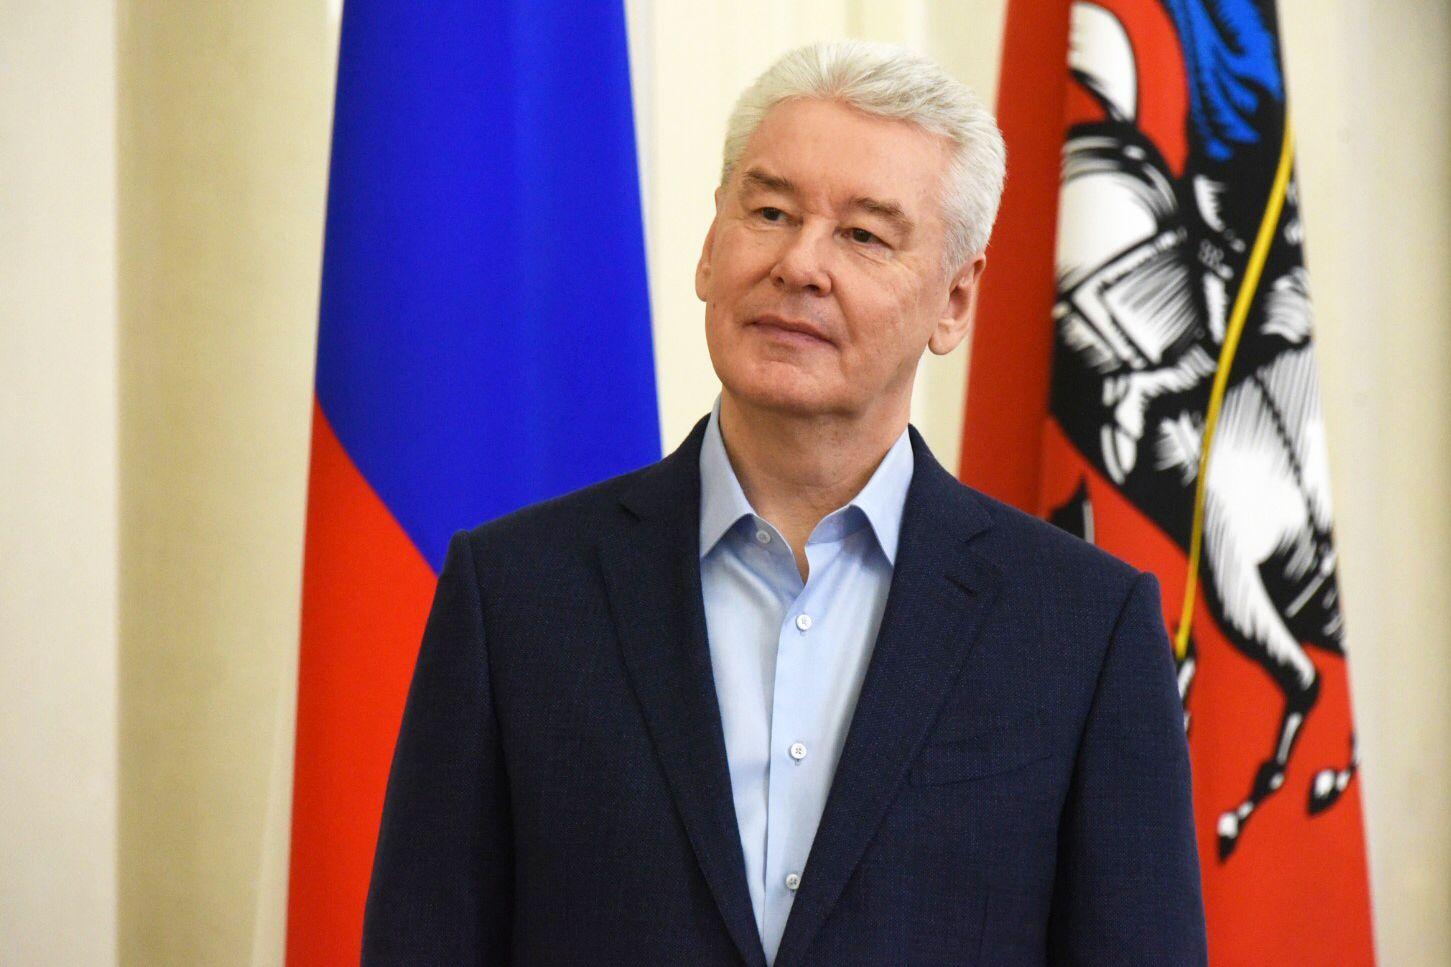 Мэр Москвы обратился к медработникам с поздравлением